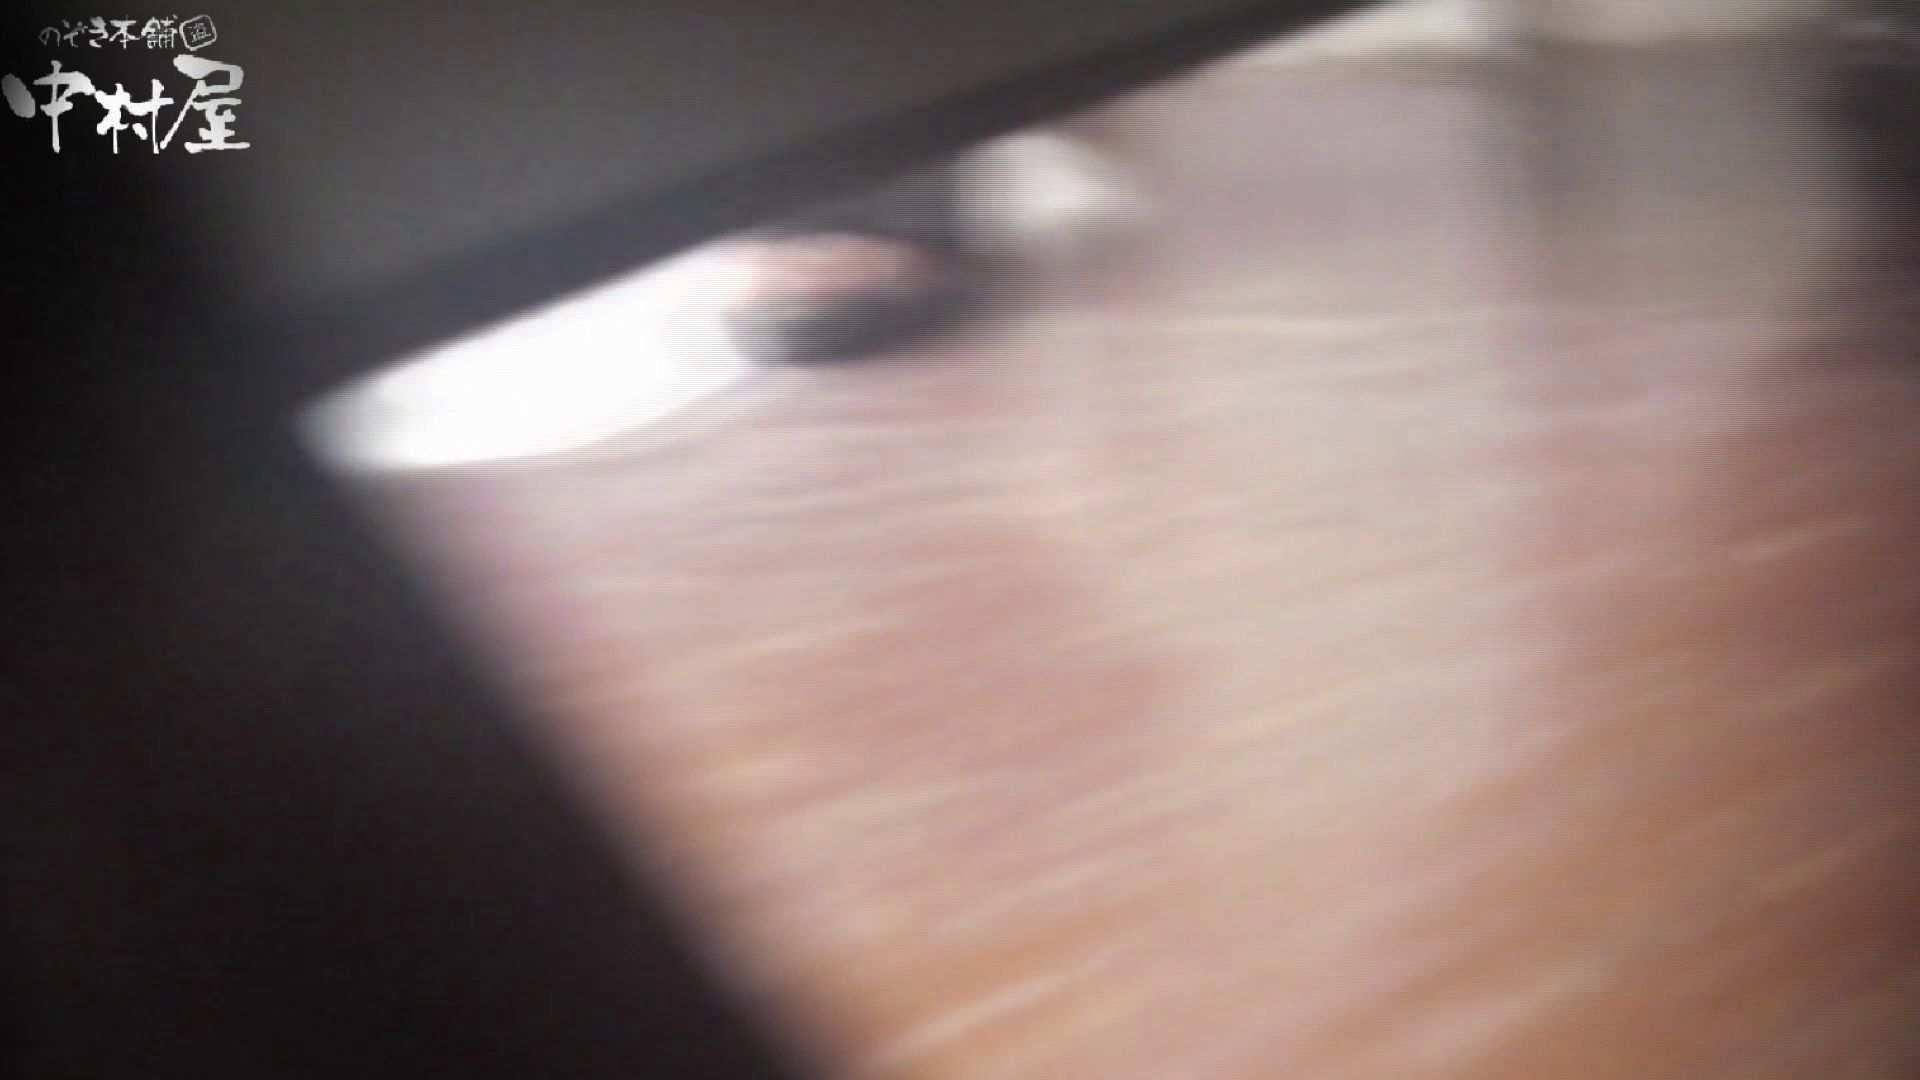 世界の射窓から~vol47 珍しい、毛からしたってくる聖水 0  29連発 20